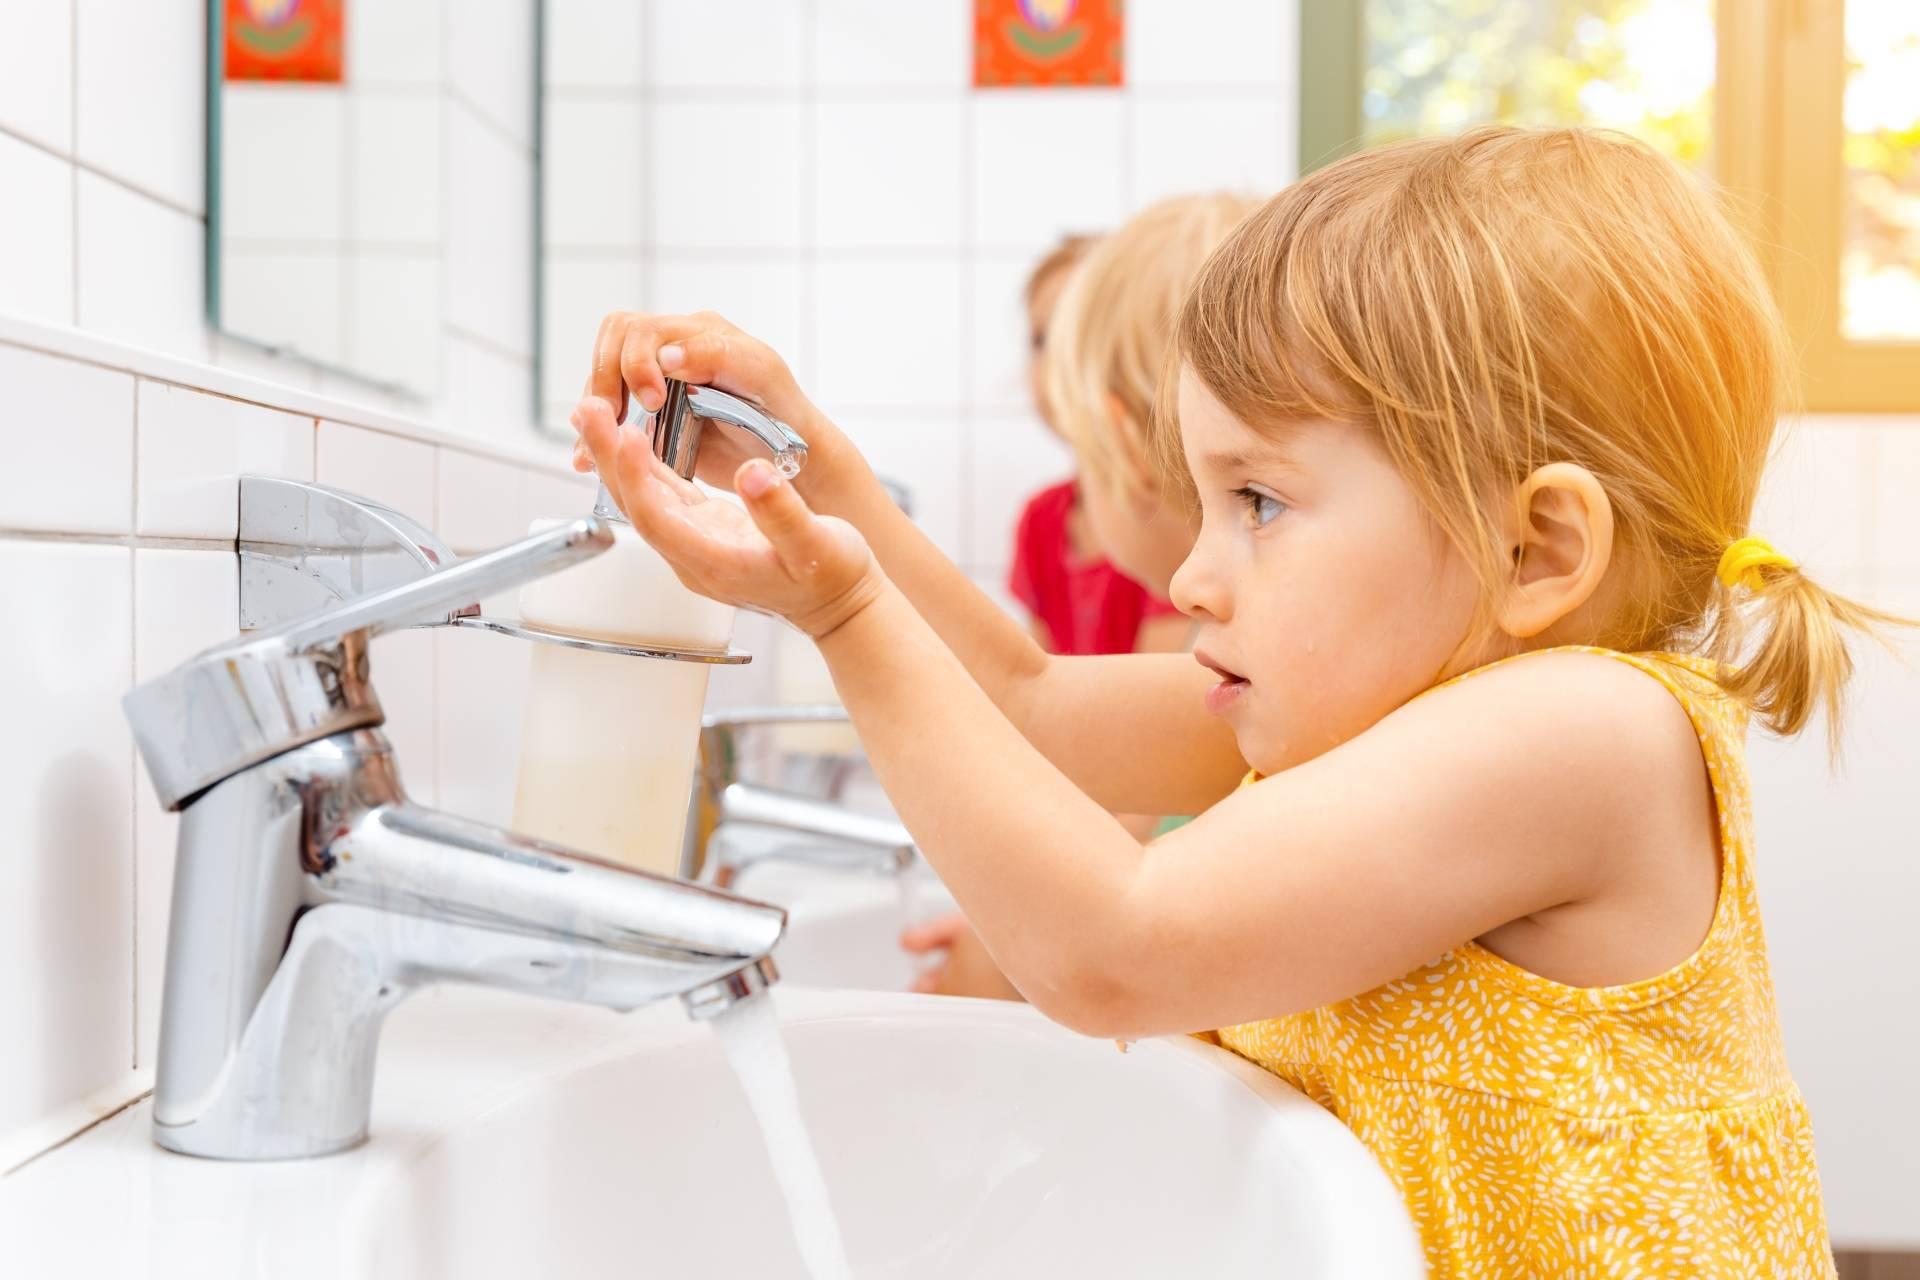 Dziewczynka myje ręce w toalecie w przedszkolu. Owsiki u dzieci - co musisz wiedzieć?